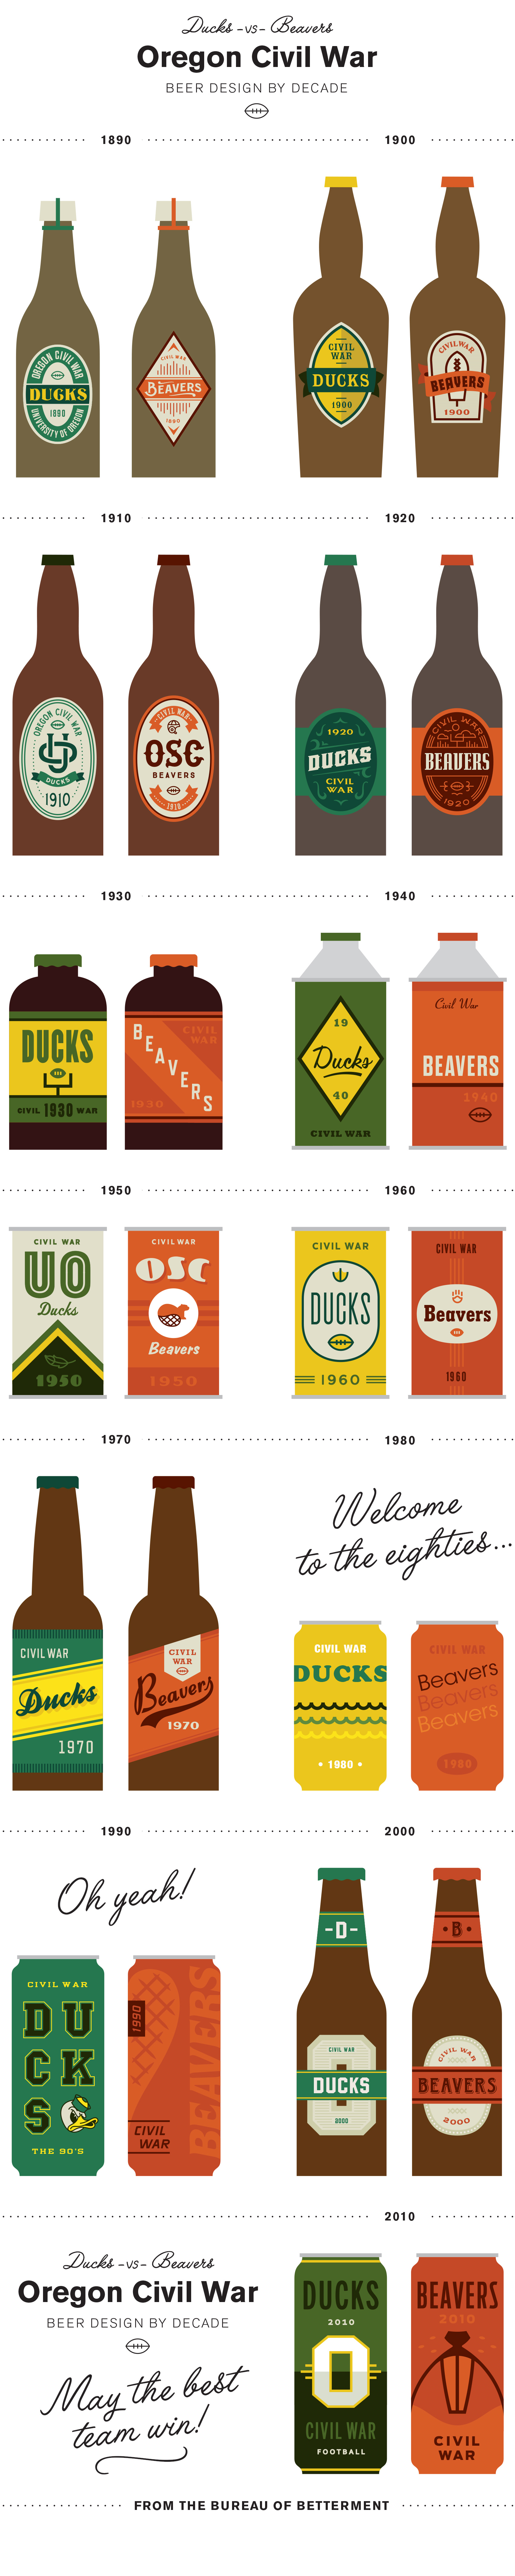 ducks-vs-beavers-civil-war-beer-design-final